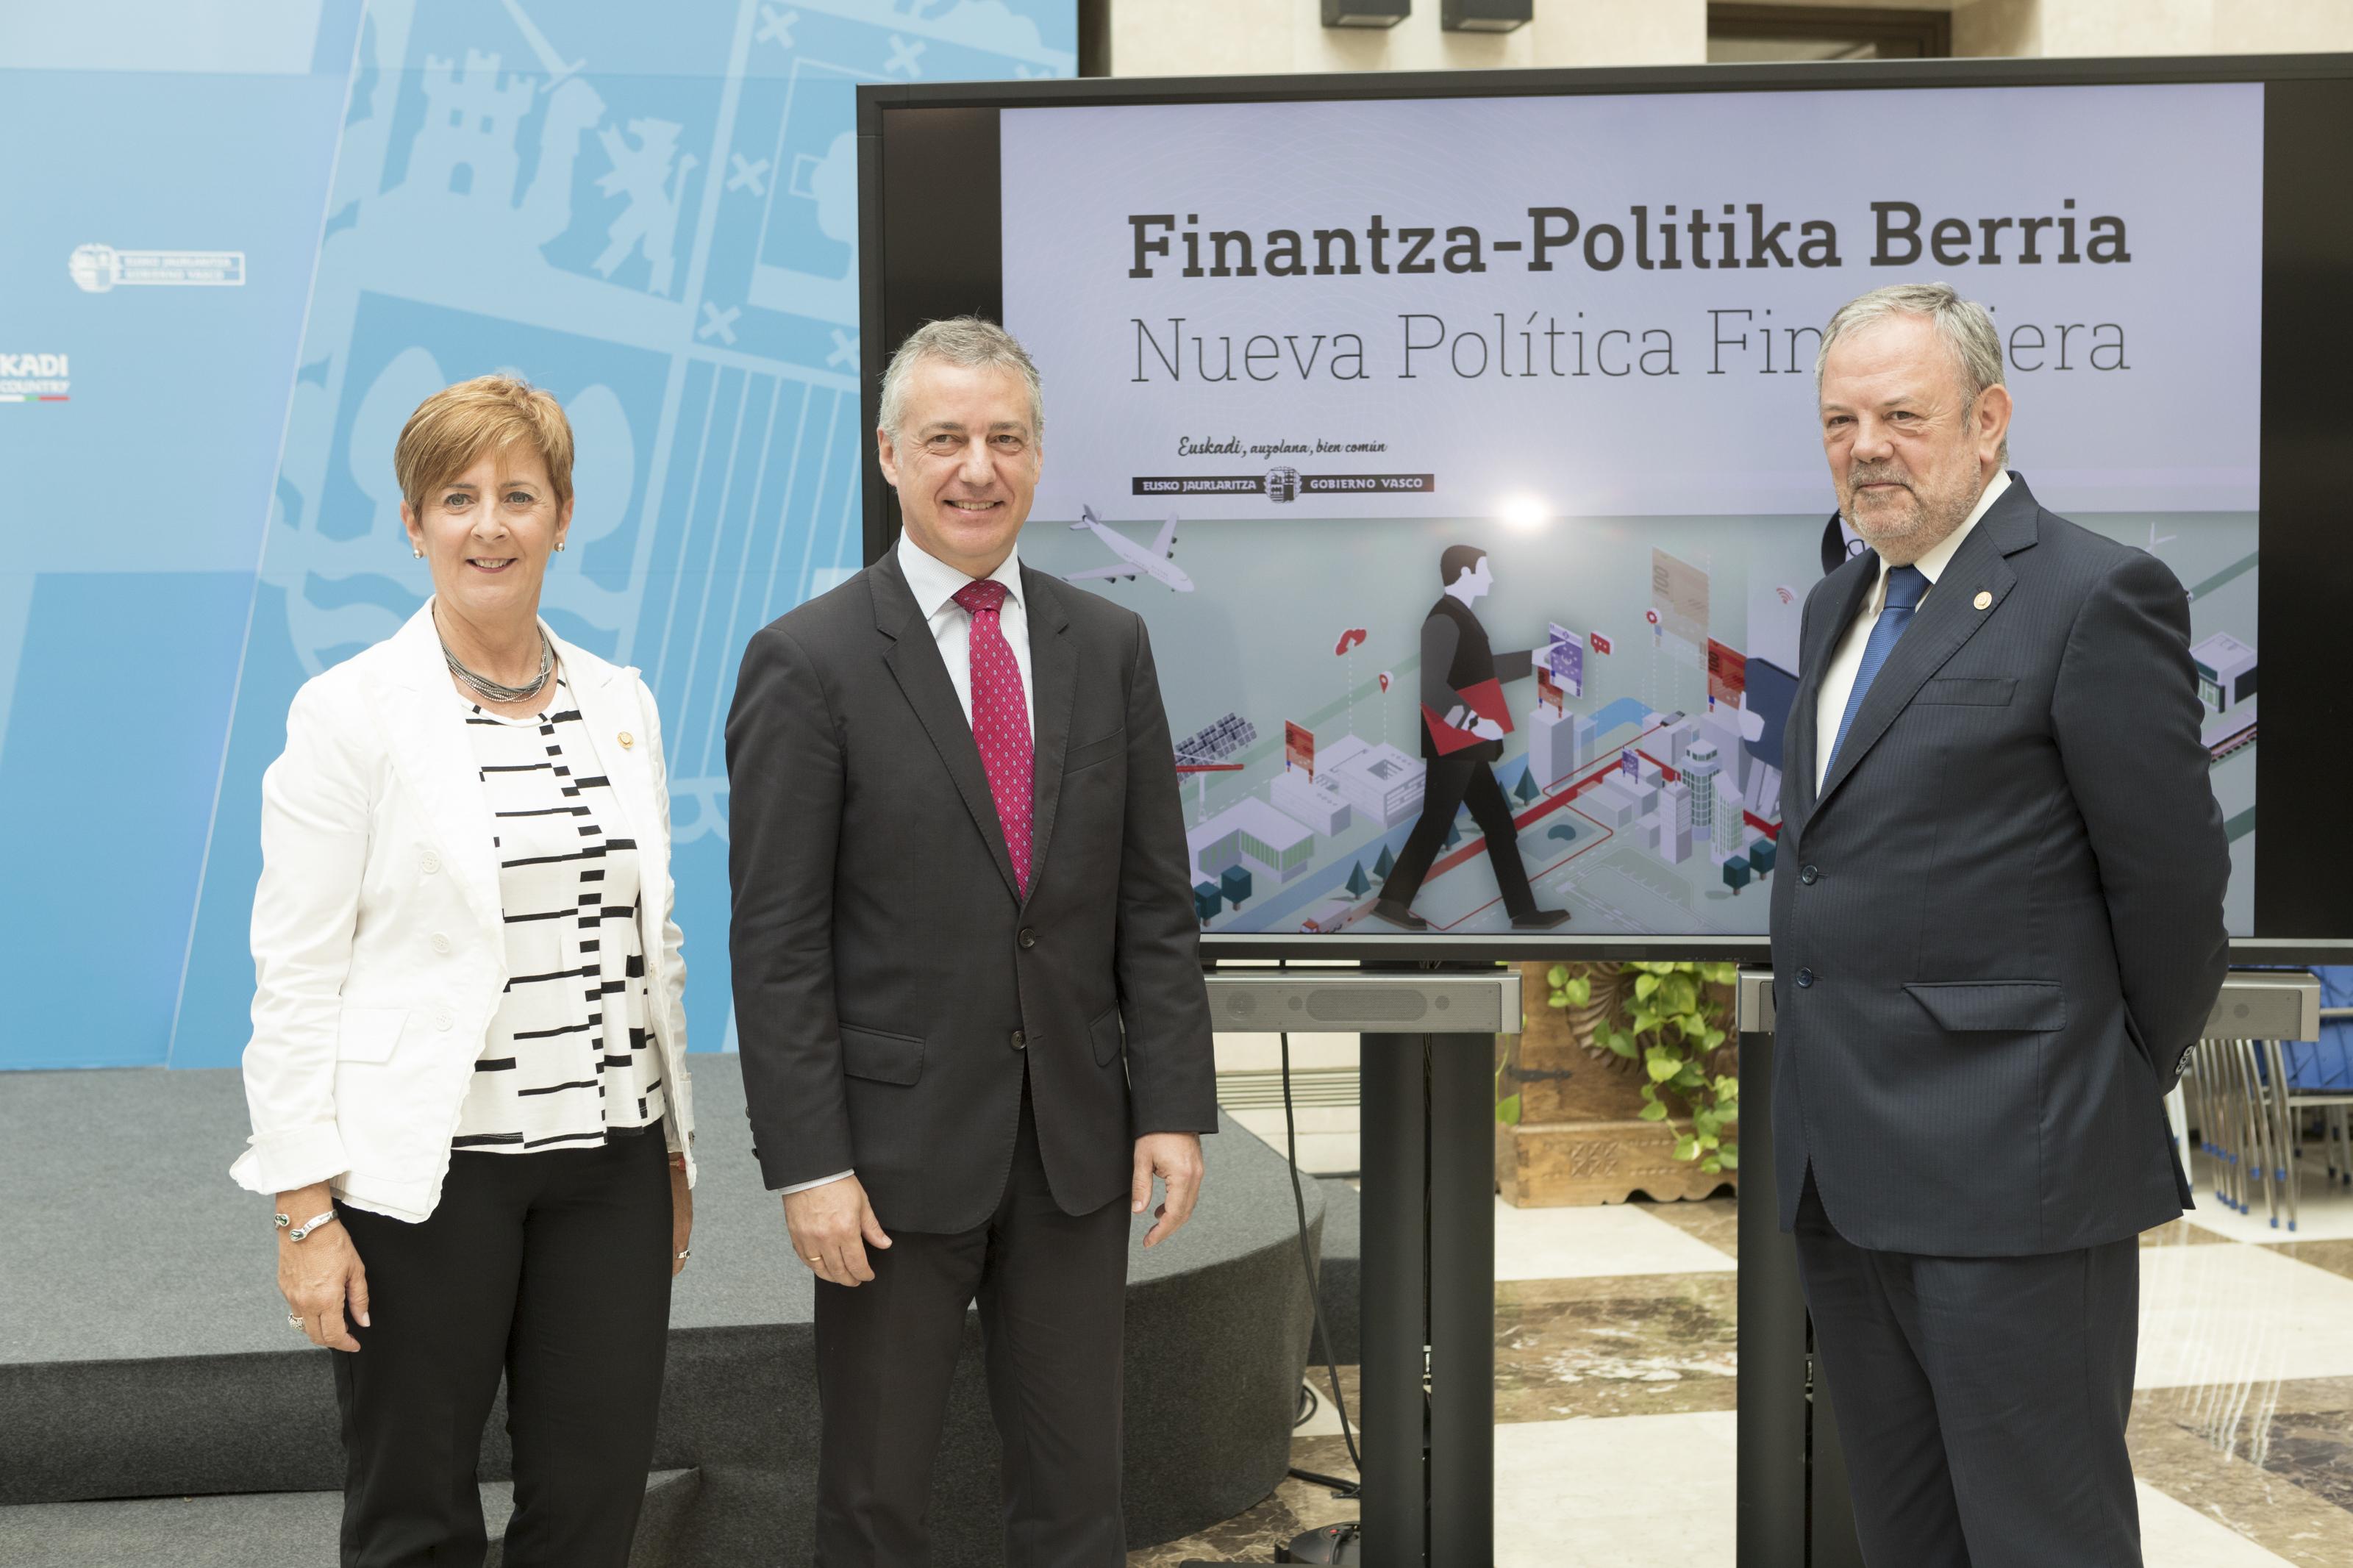 Lehendakariak, Arantxa Tapia sailburuak eta Pedro Azpiazu sailburuak Eusko Jaurlaritzaren finantza politika berria aurkeztu dute